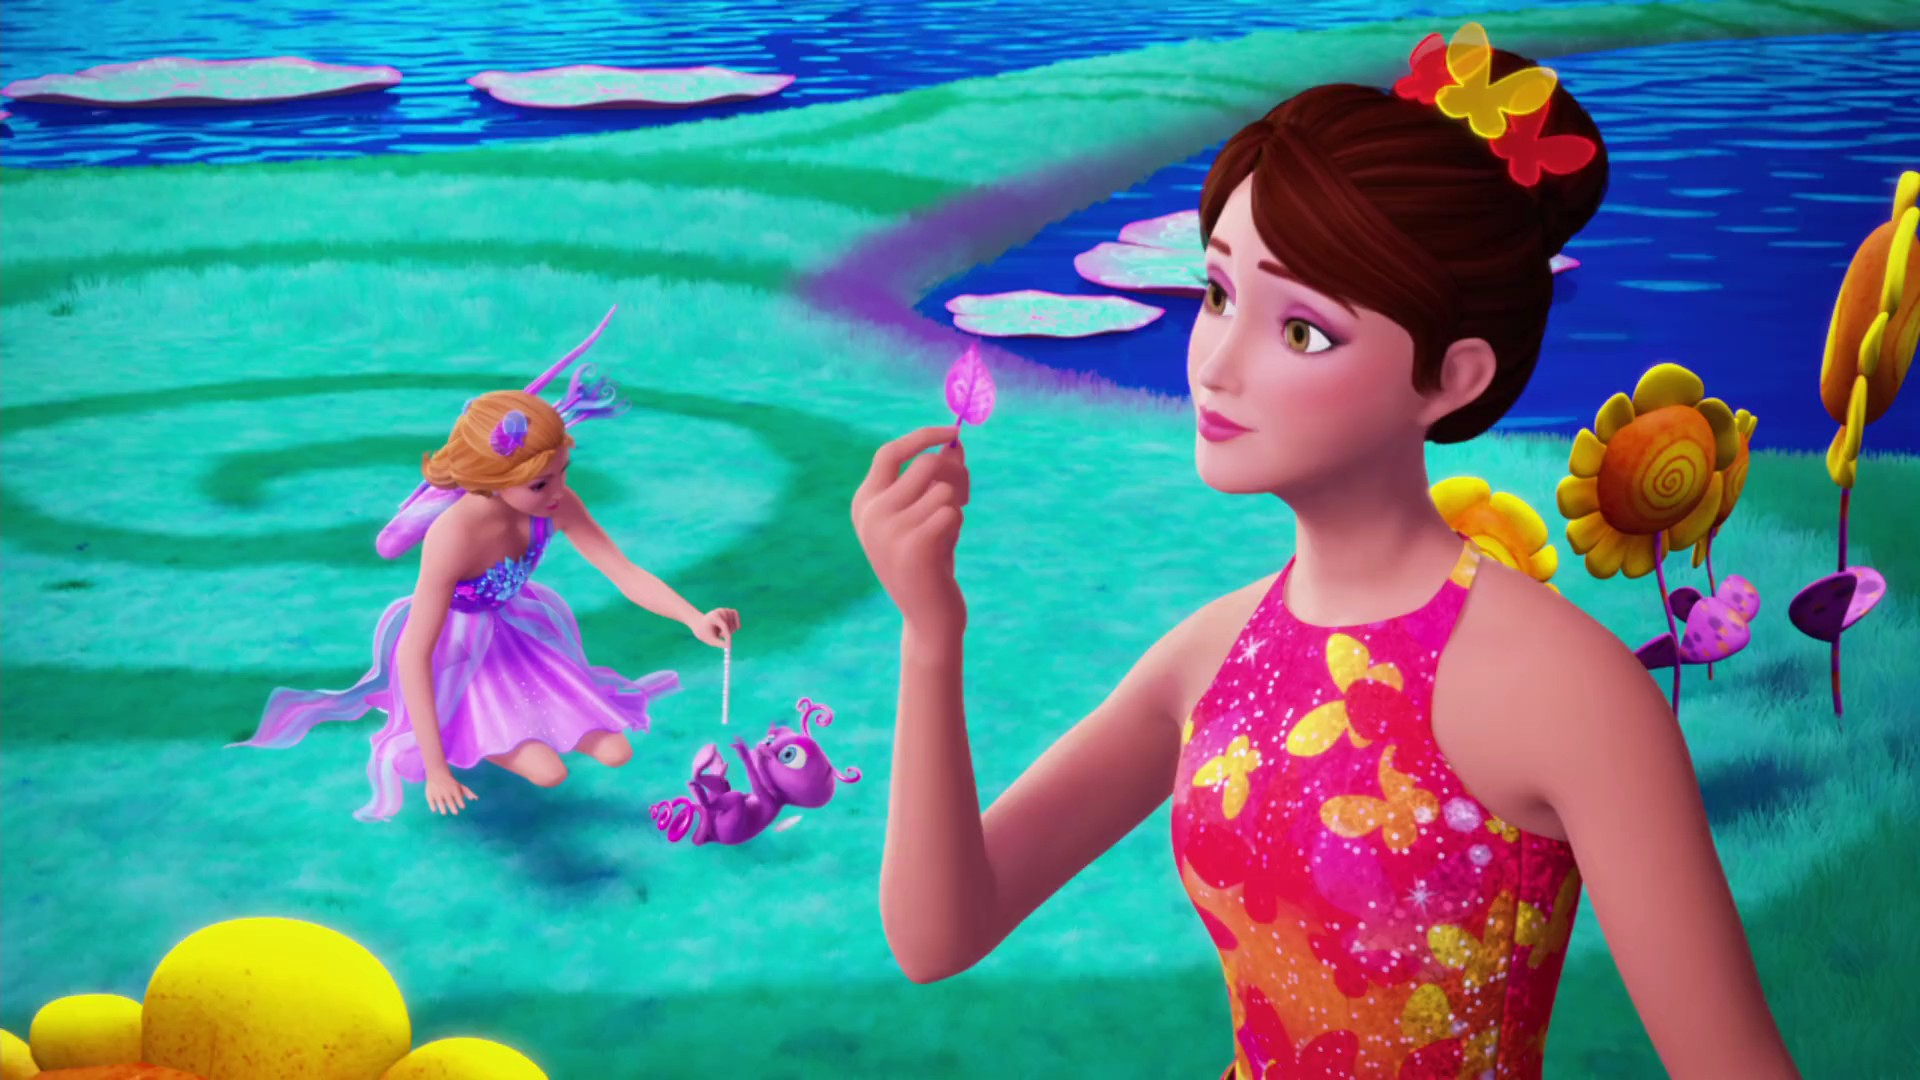 Feuilles puantes barbiep dia fandom powered by wikia - Barbie et la porte secrete film complet ...